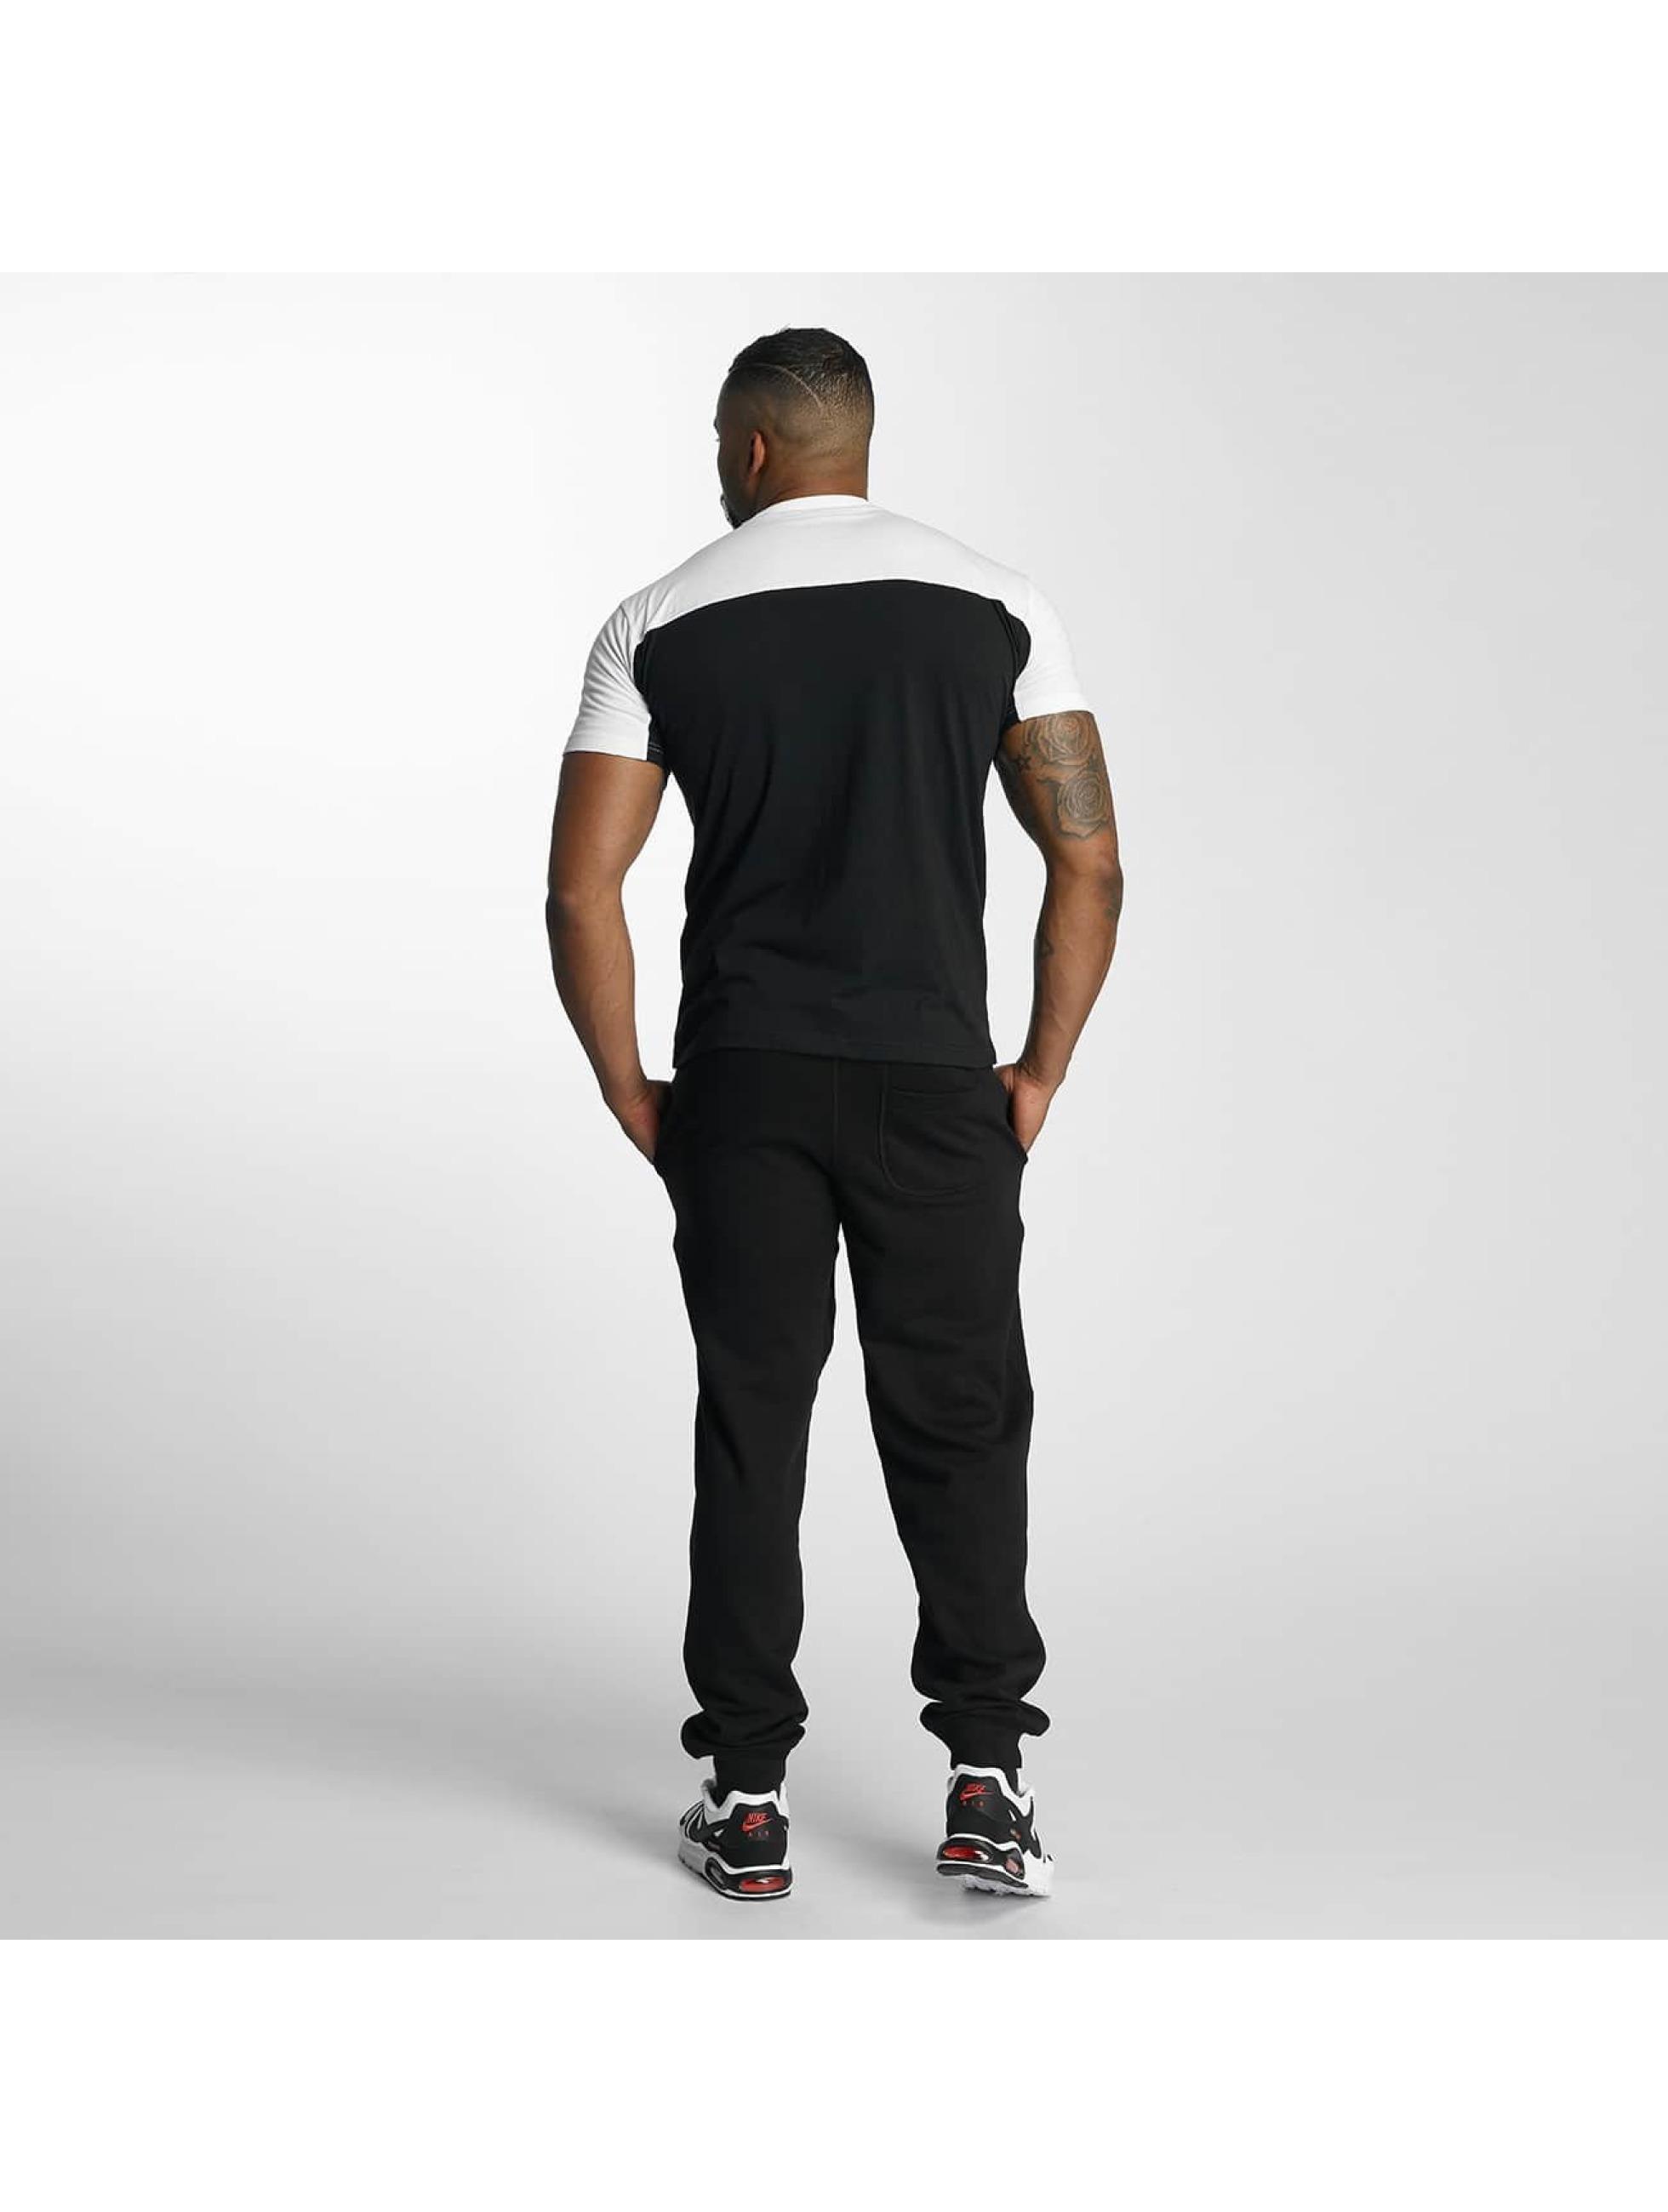 Pusher Apparel Camiseta 137 Rio negro